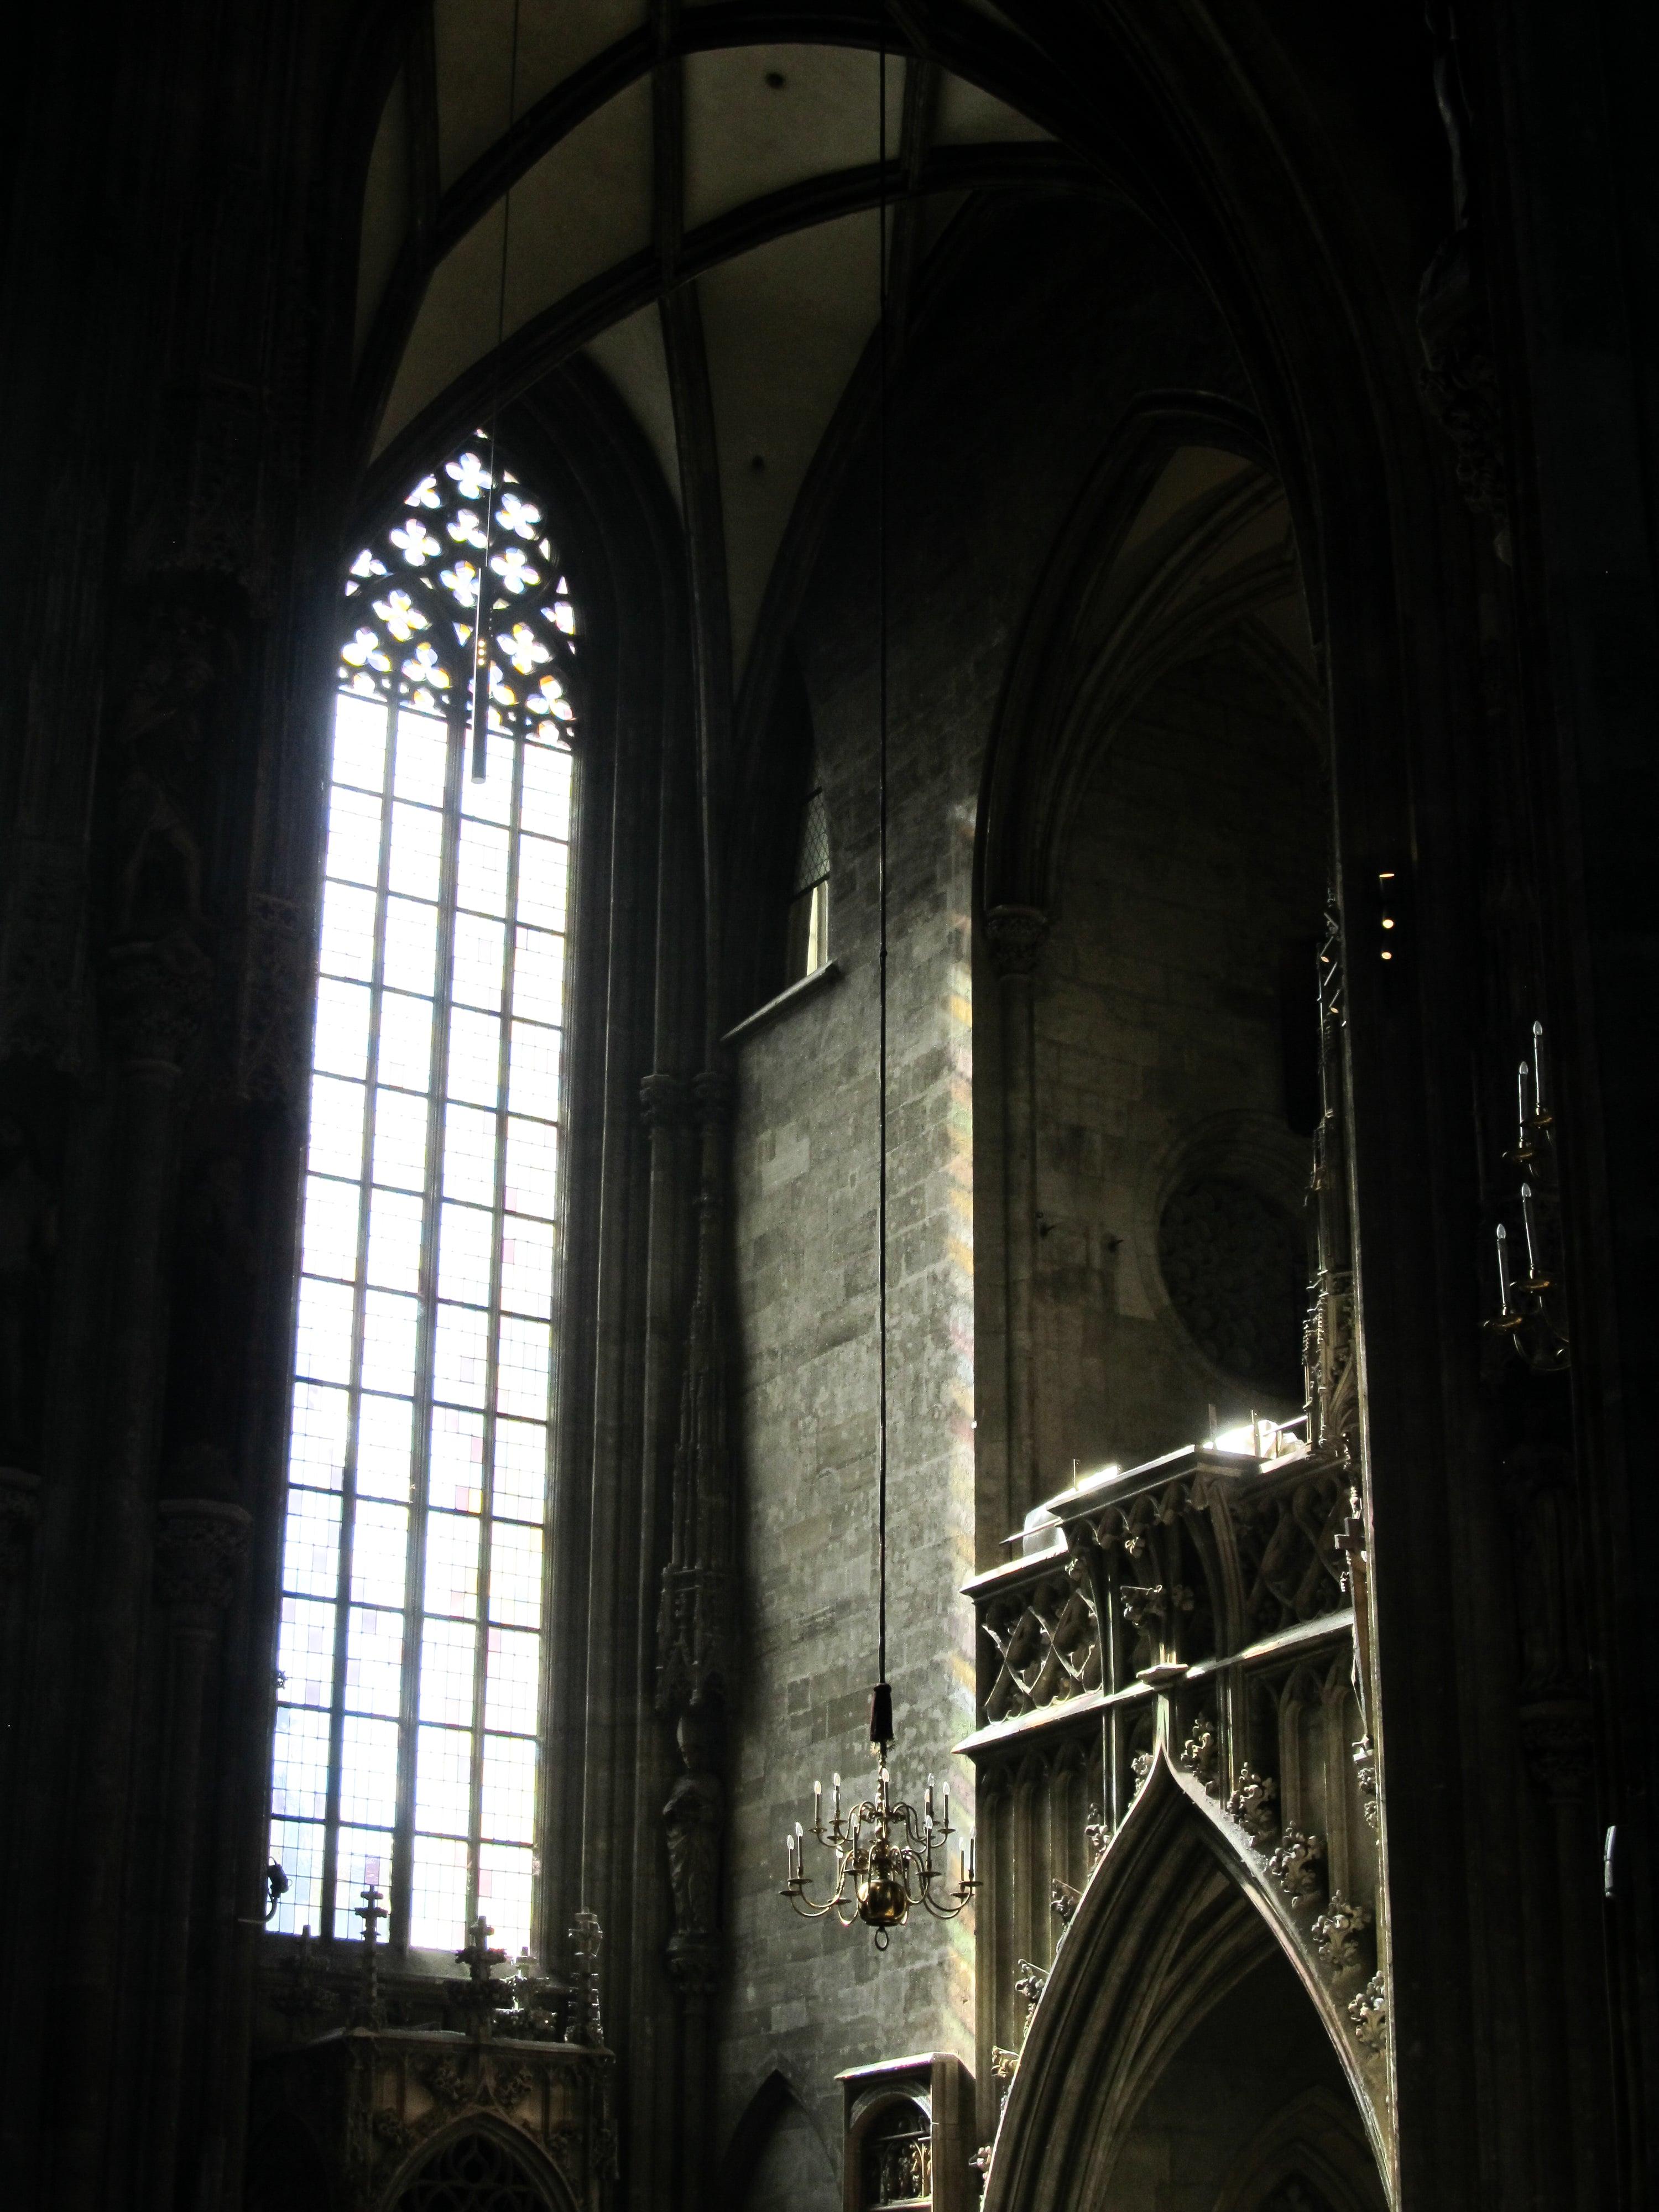 Cathédrale Saint-Étienne de Vienne : Découvrez la majestueuse Vienne avec les 5 immanquables à voir pour une visite expresse.